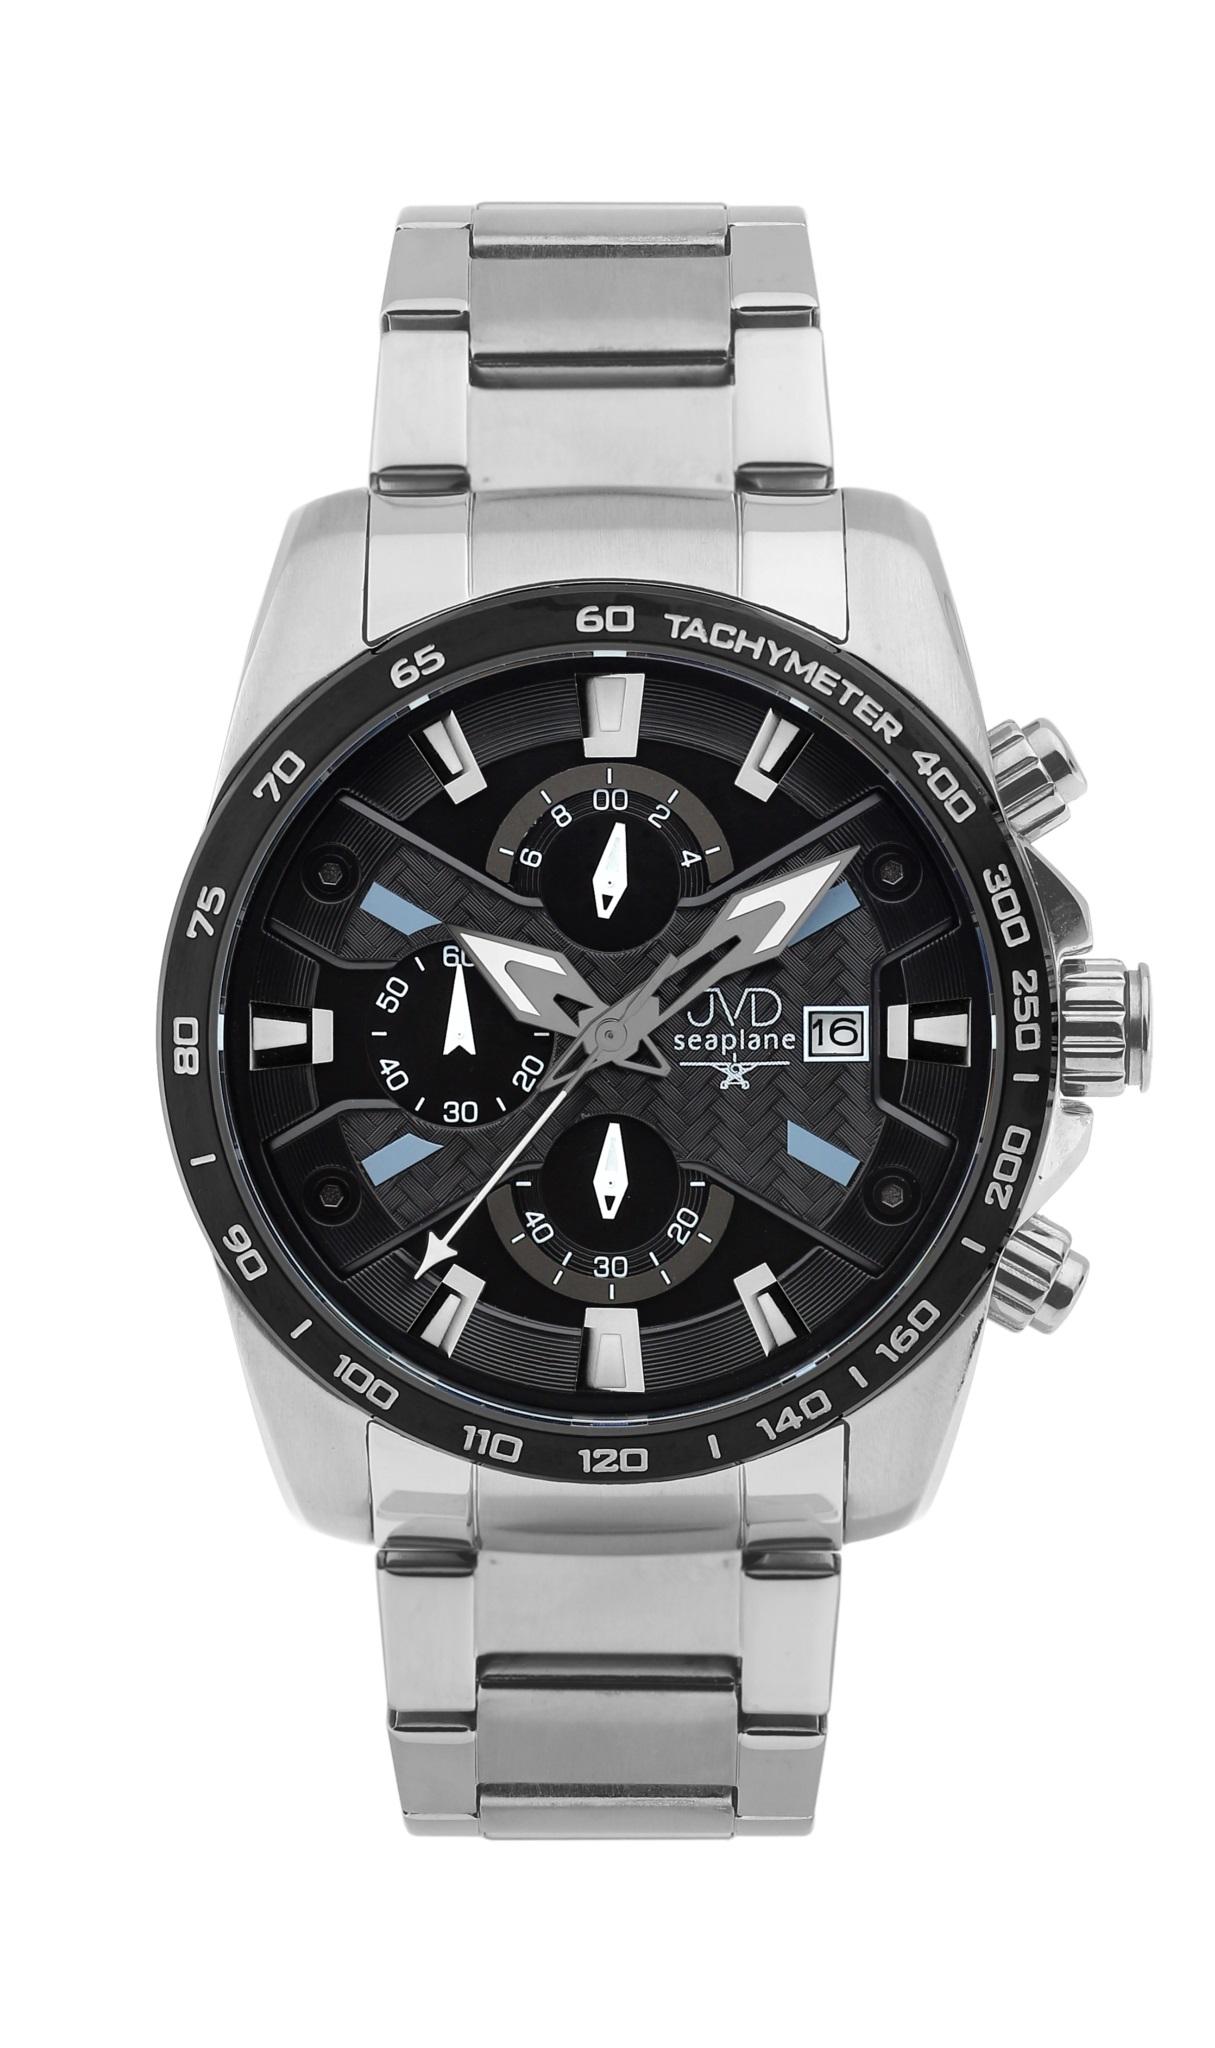 Luxusní vodotěsné sportovní hodinky JVD seaplane W51.3 chornograf se stopkami (POŠTOVNÉ ZDARMA!!!)